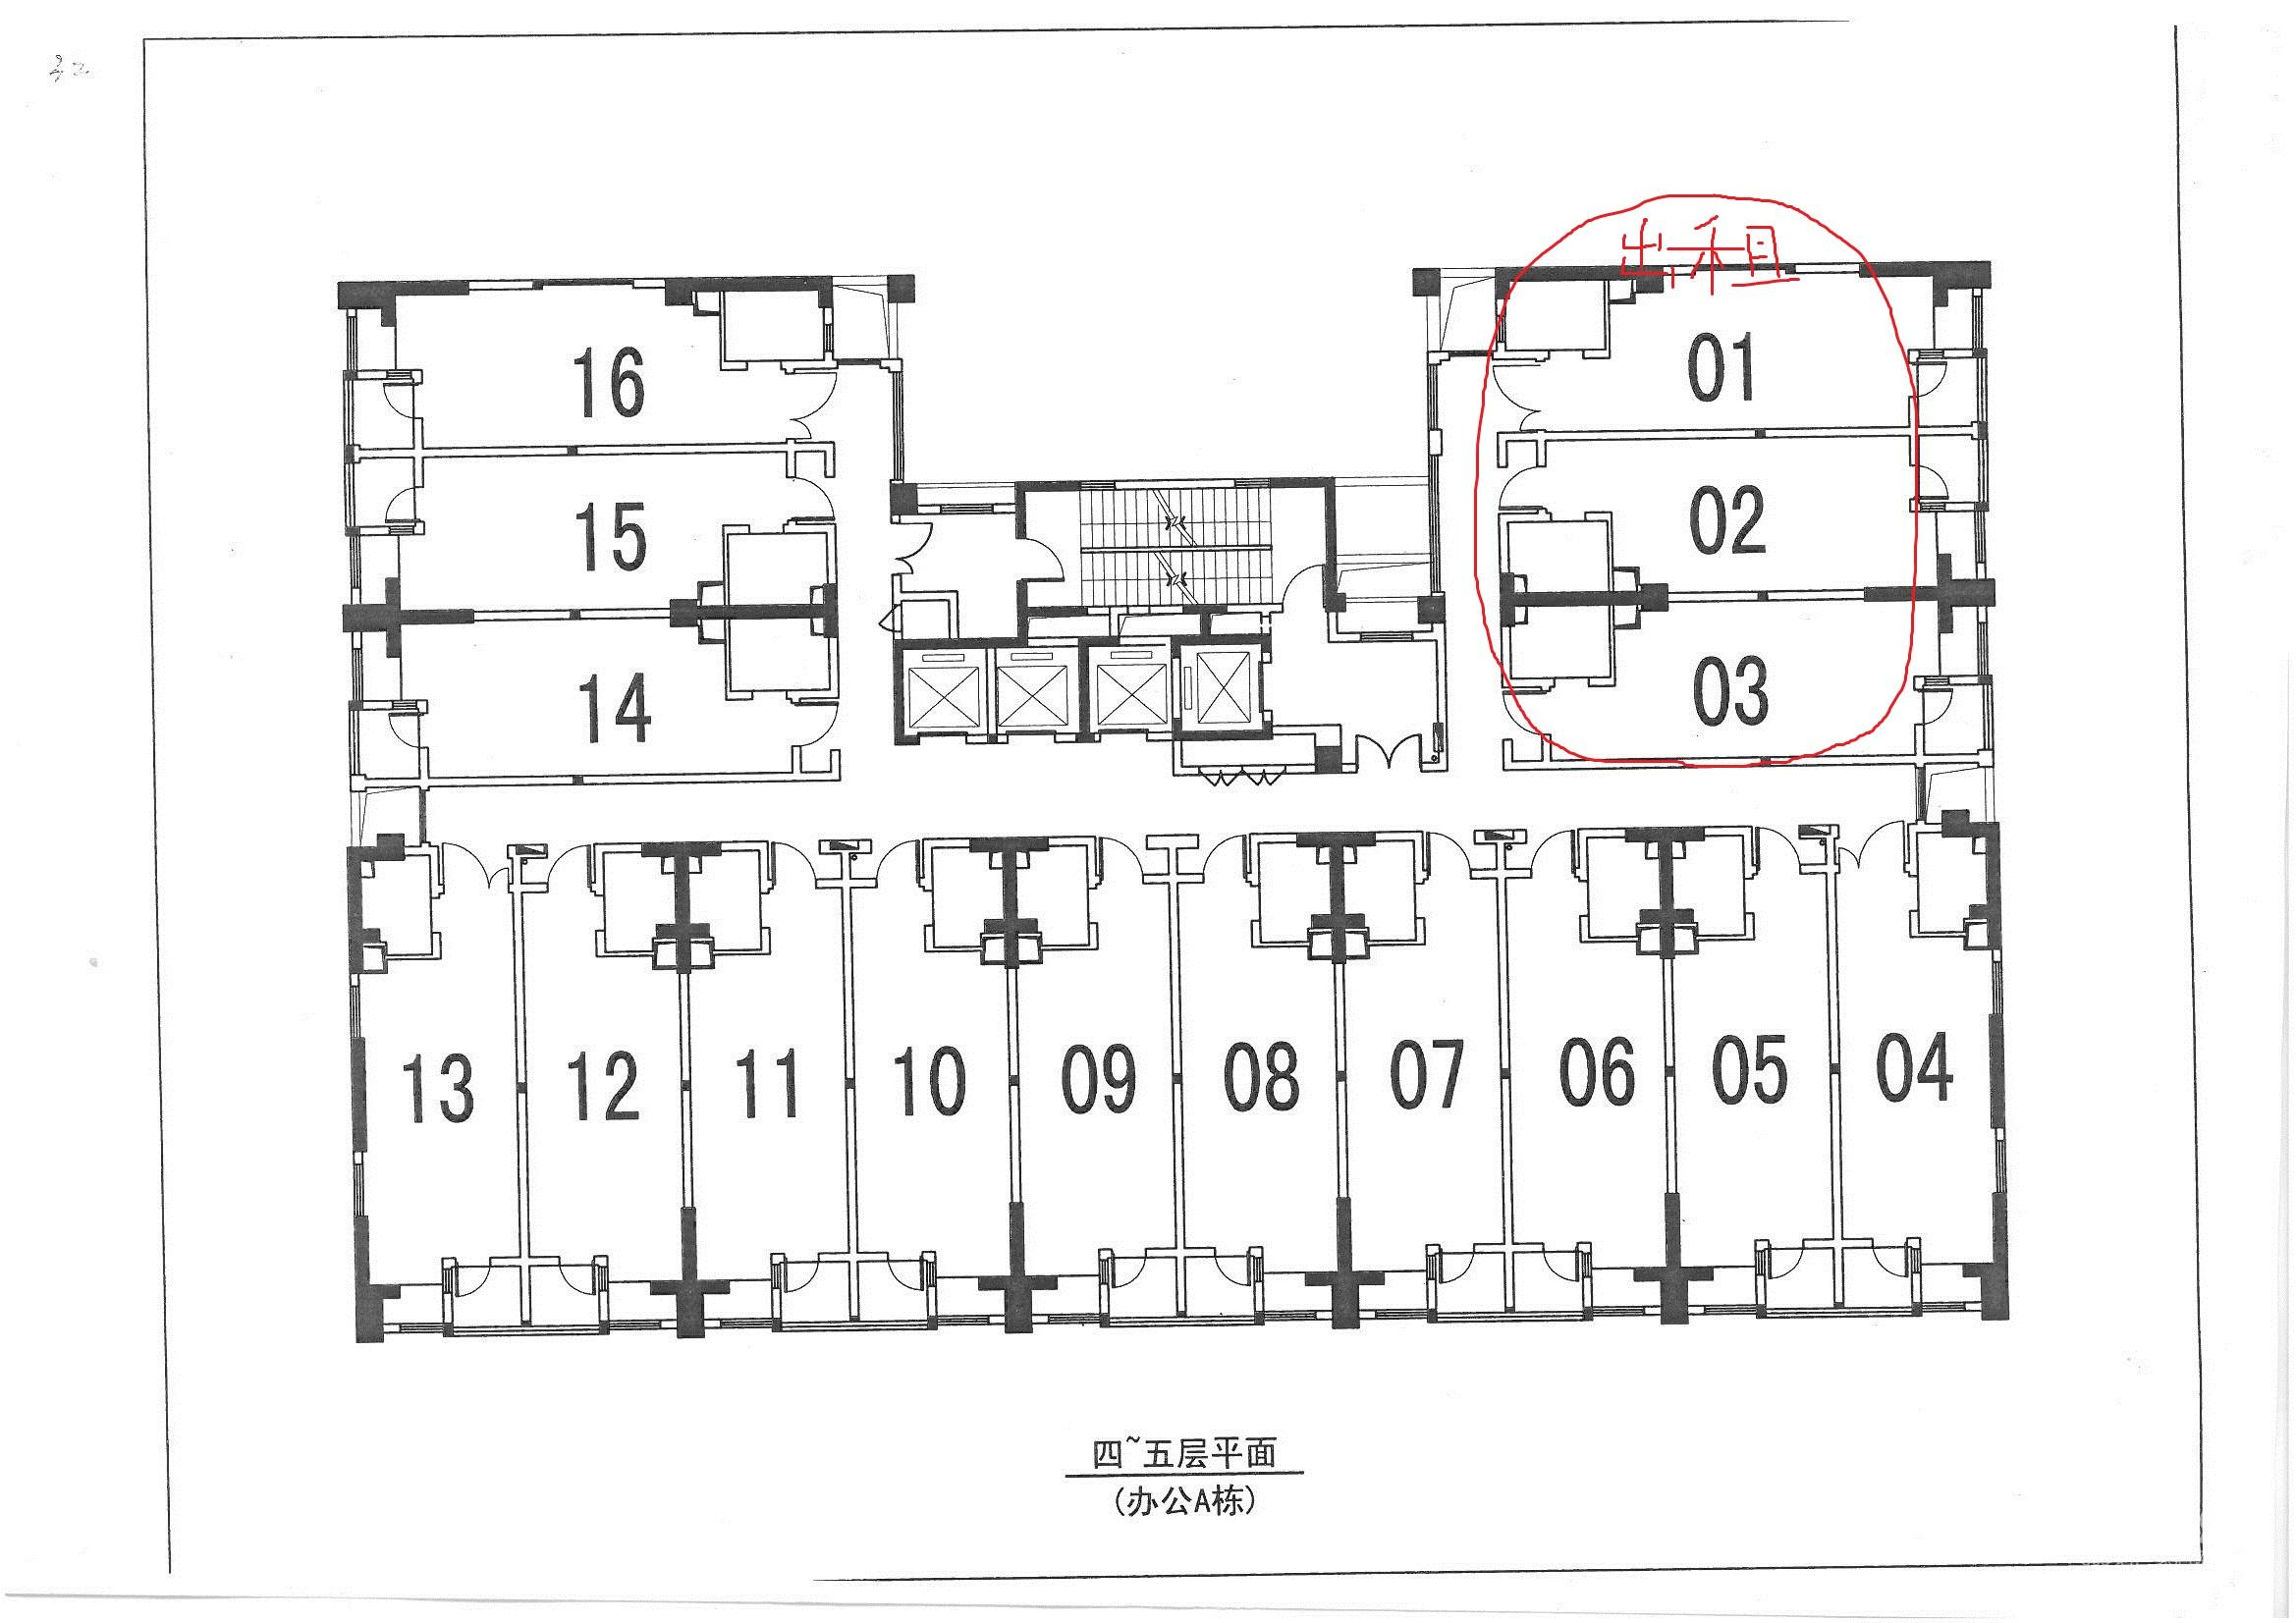 150平方米房屋设计图 照片